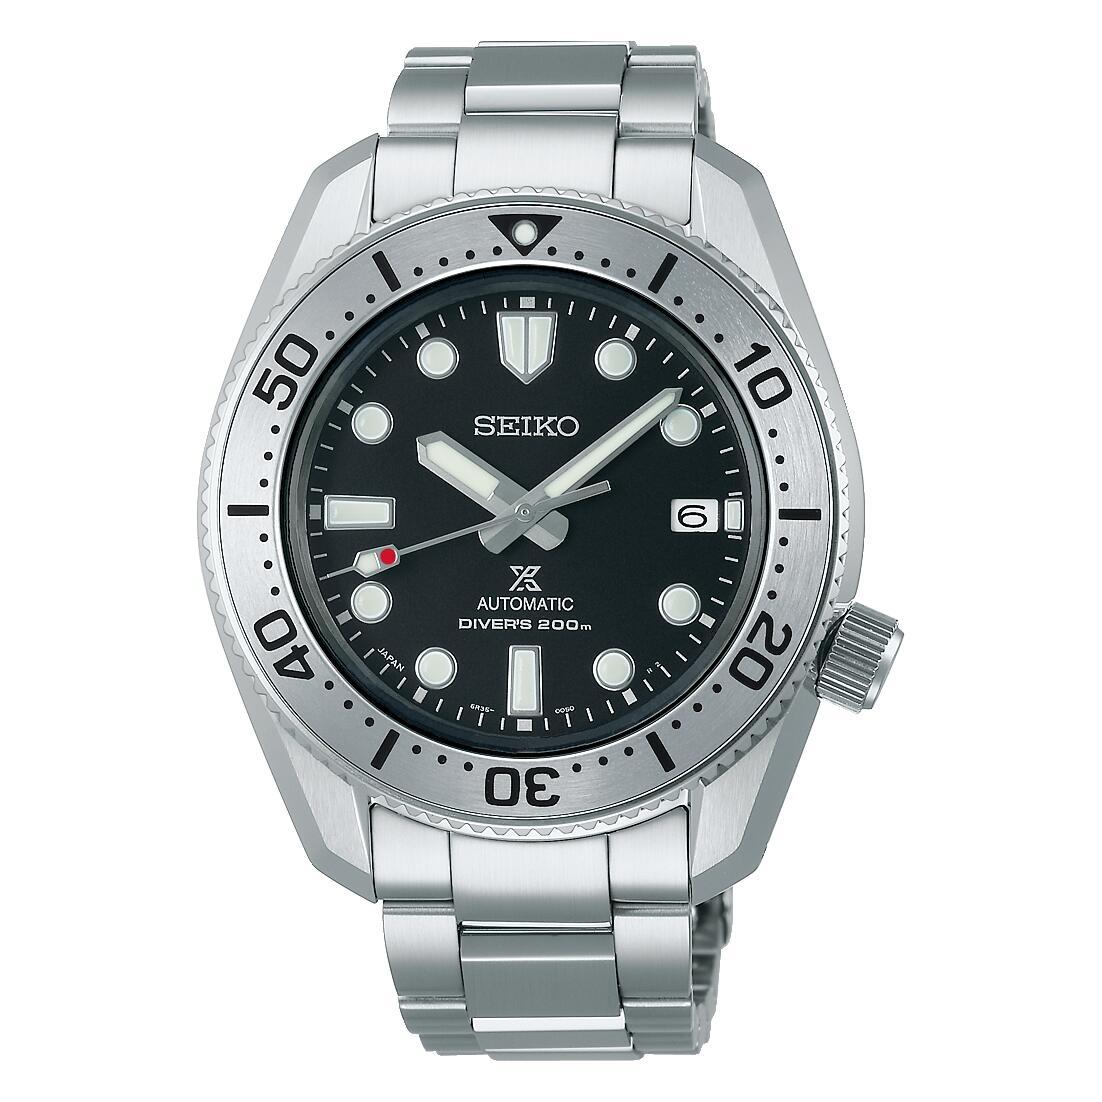 メンズ 腕時計 新品 正規品 SEIKO セイコー 割引 PROSPEX ダイバースキューバ 1968 メカニカルダイバーズ 全品最安値に挑戦 プロスペックス SBDC125 現代デザイン